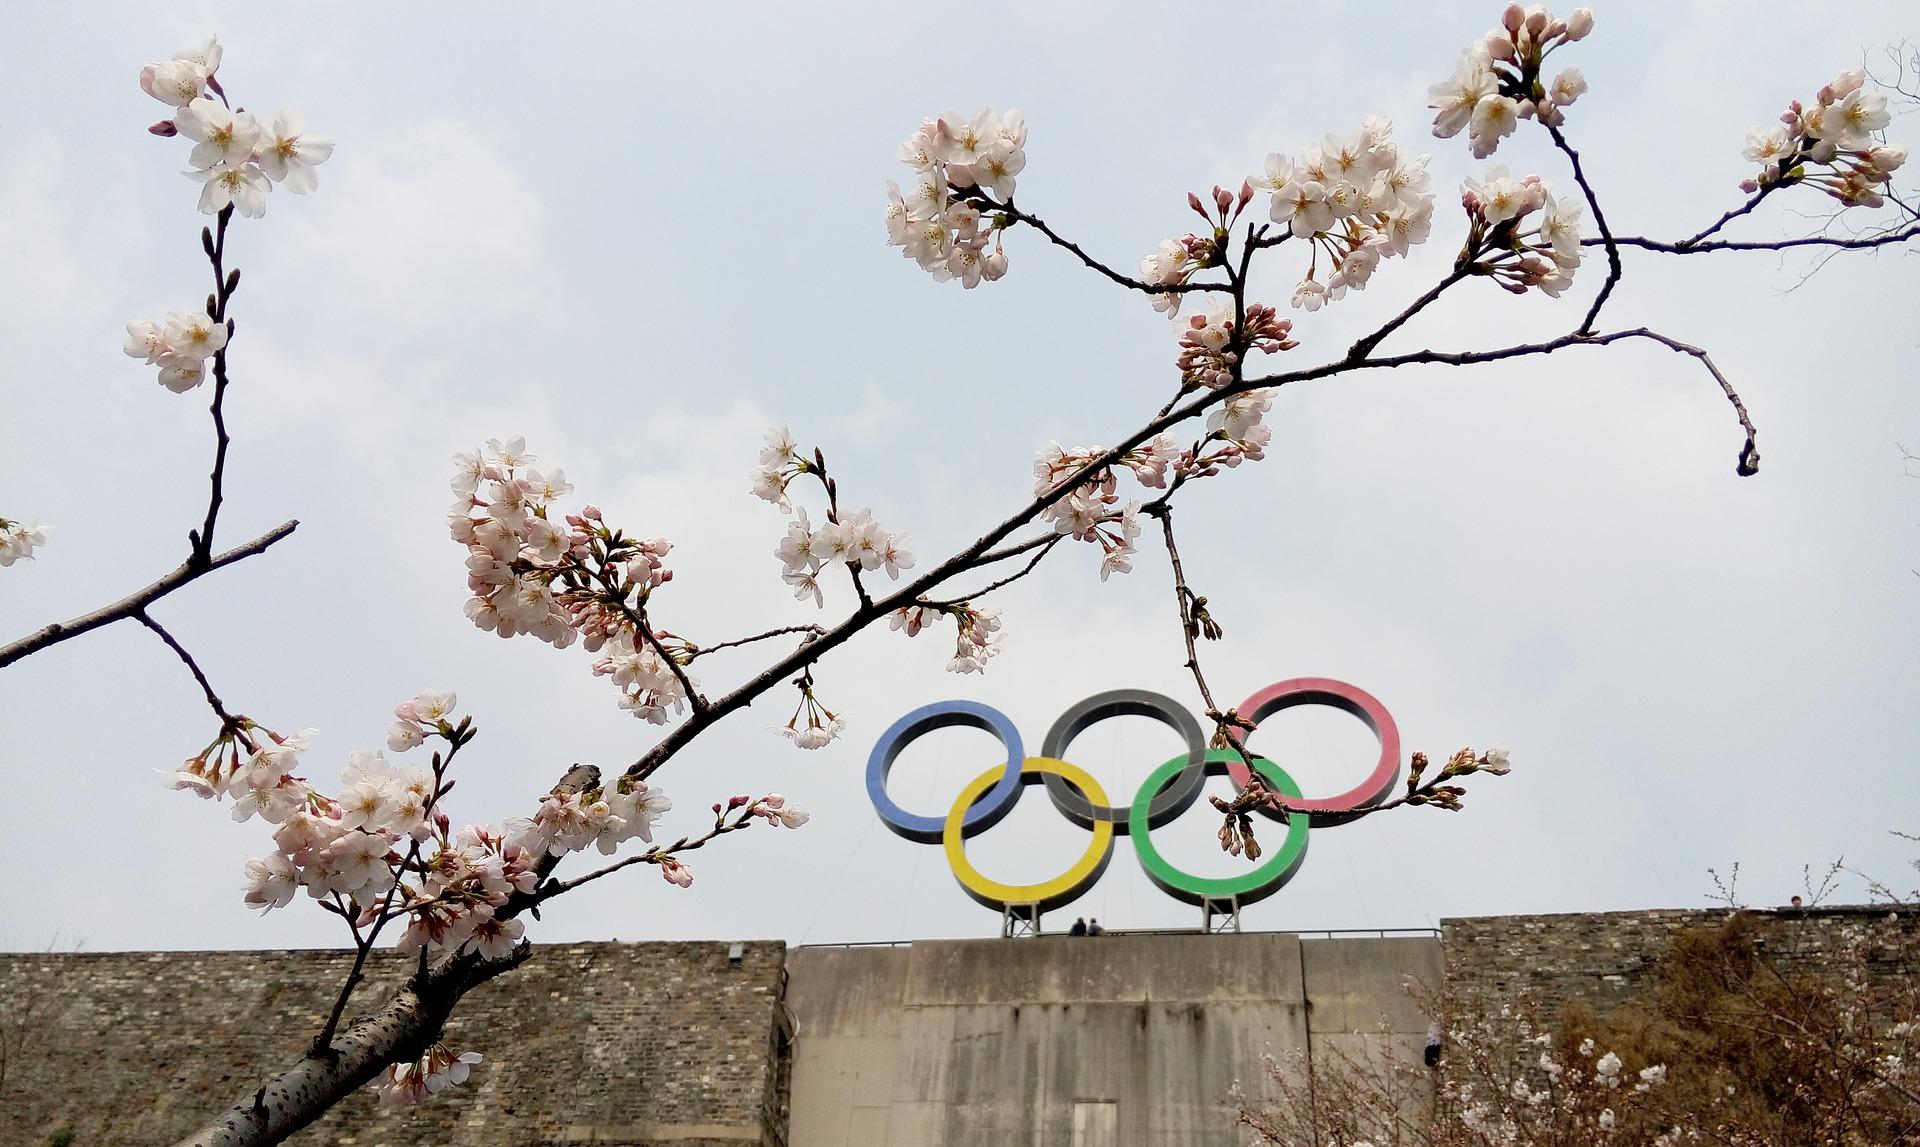 JJOO Tokio 2021: Incertidumbre entre los patrocinadores